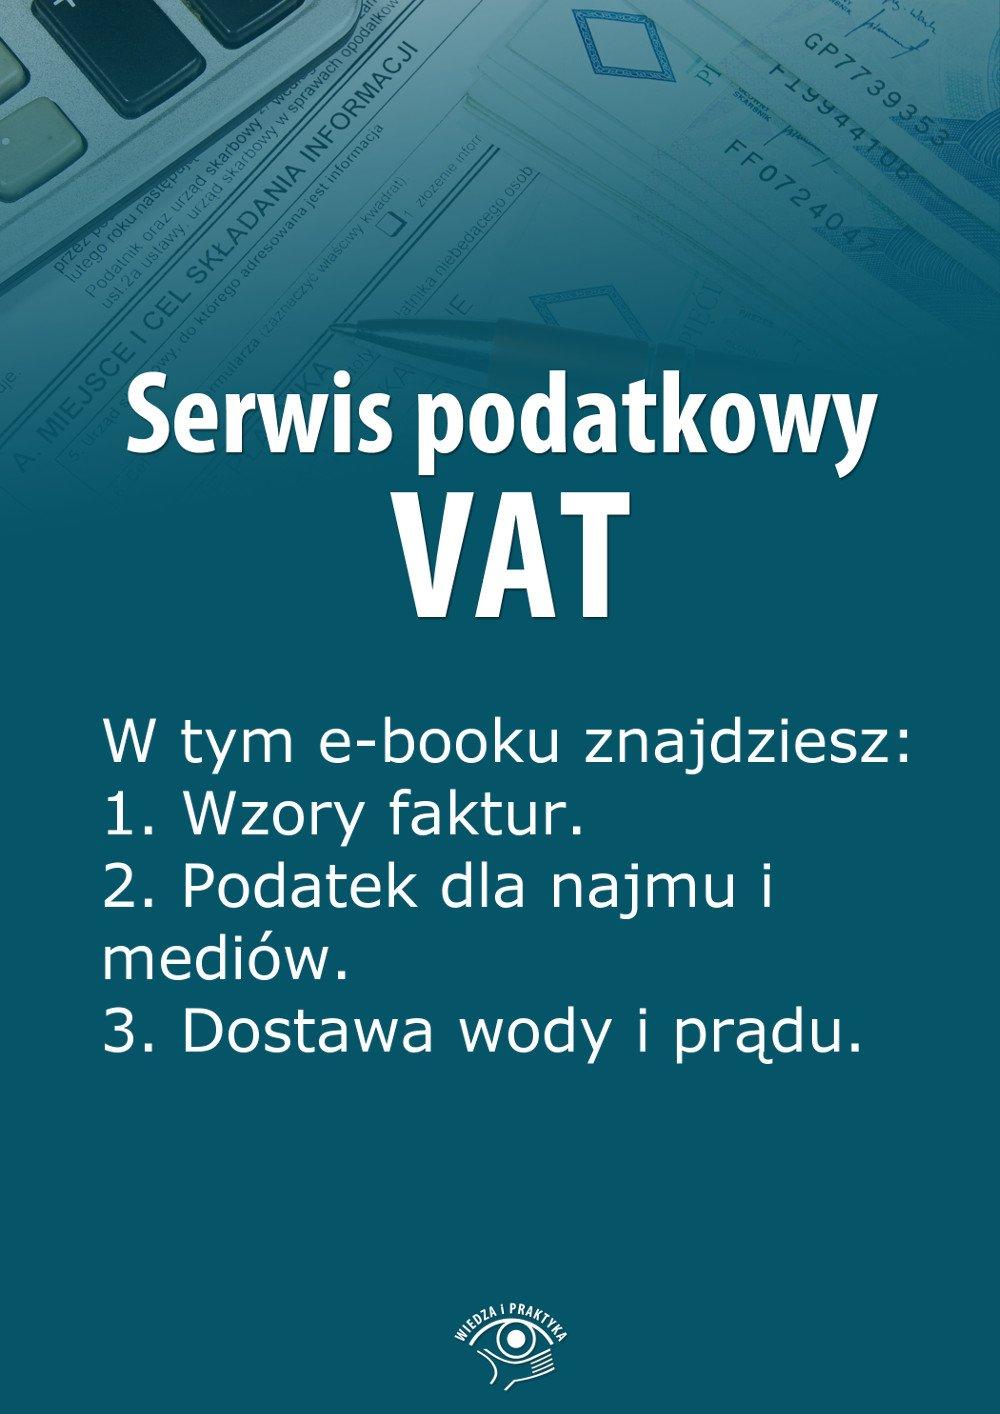 Serwis podatkowy VAT. Wydanie specjalne lipiec-wrzesień 2014 r. - Ebook (Książka EPUB) do pobrania w formacie EPUB